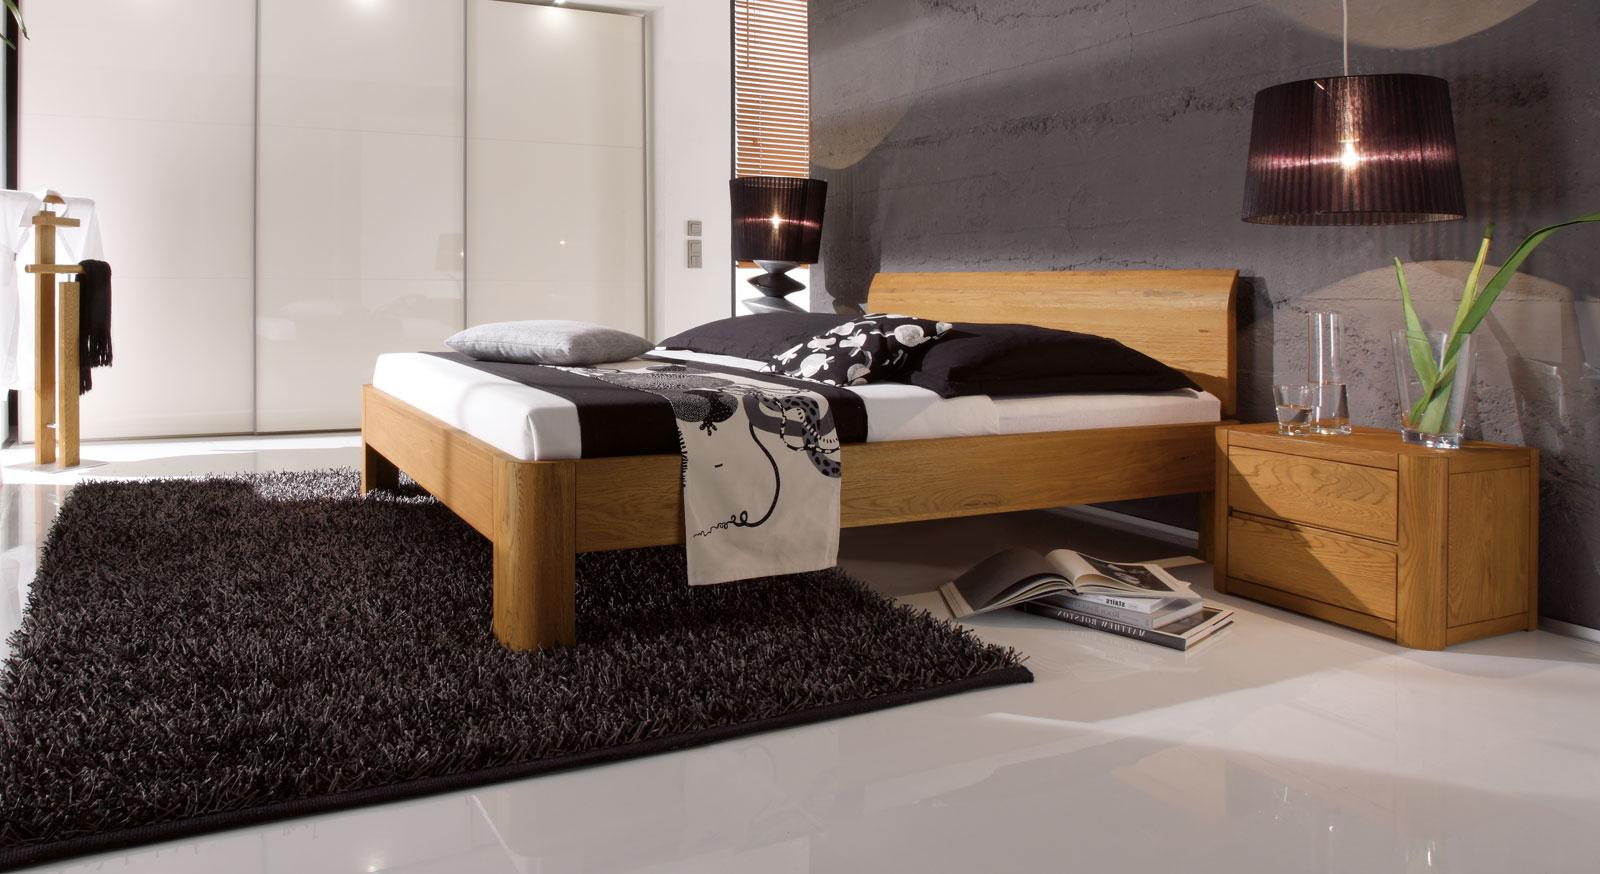 bett in z b 120x200 cm gr e aus massivholz santa clara. Black Bedroom Furniture Sets. Home Design Ideas